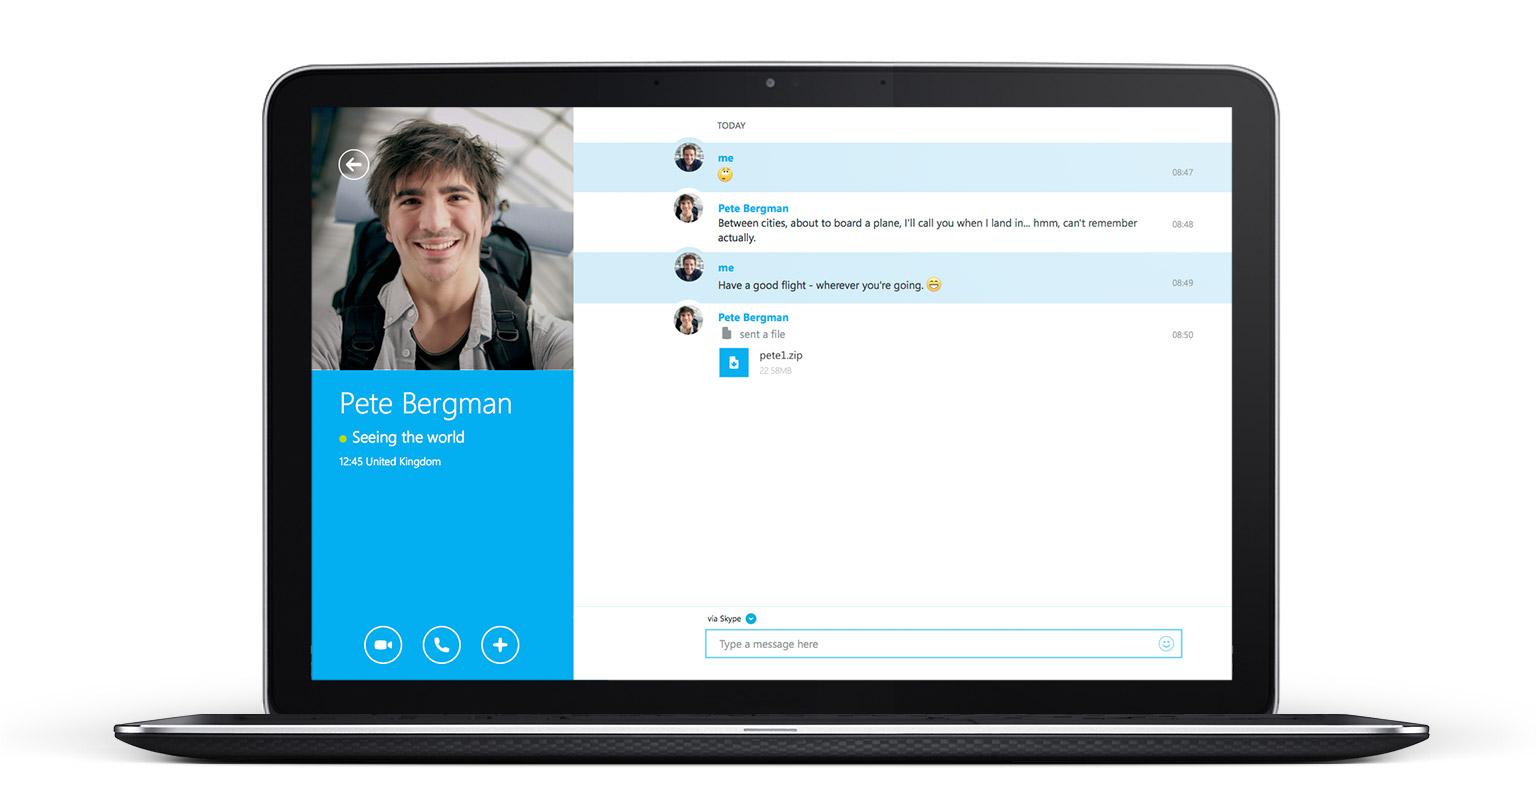 skype-video chat-messaging-görüntülü sohbet-anlık mesajlaşma